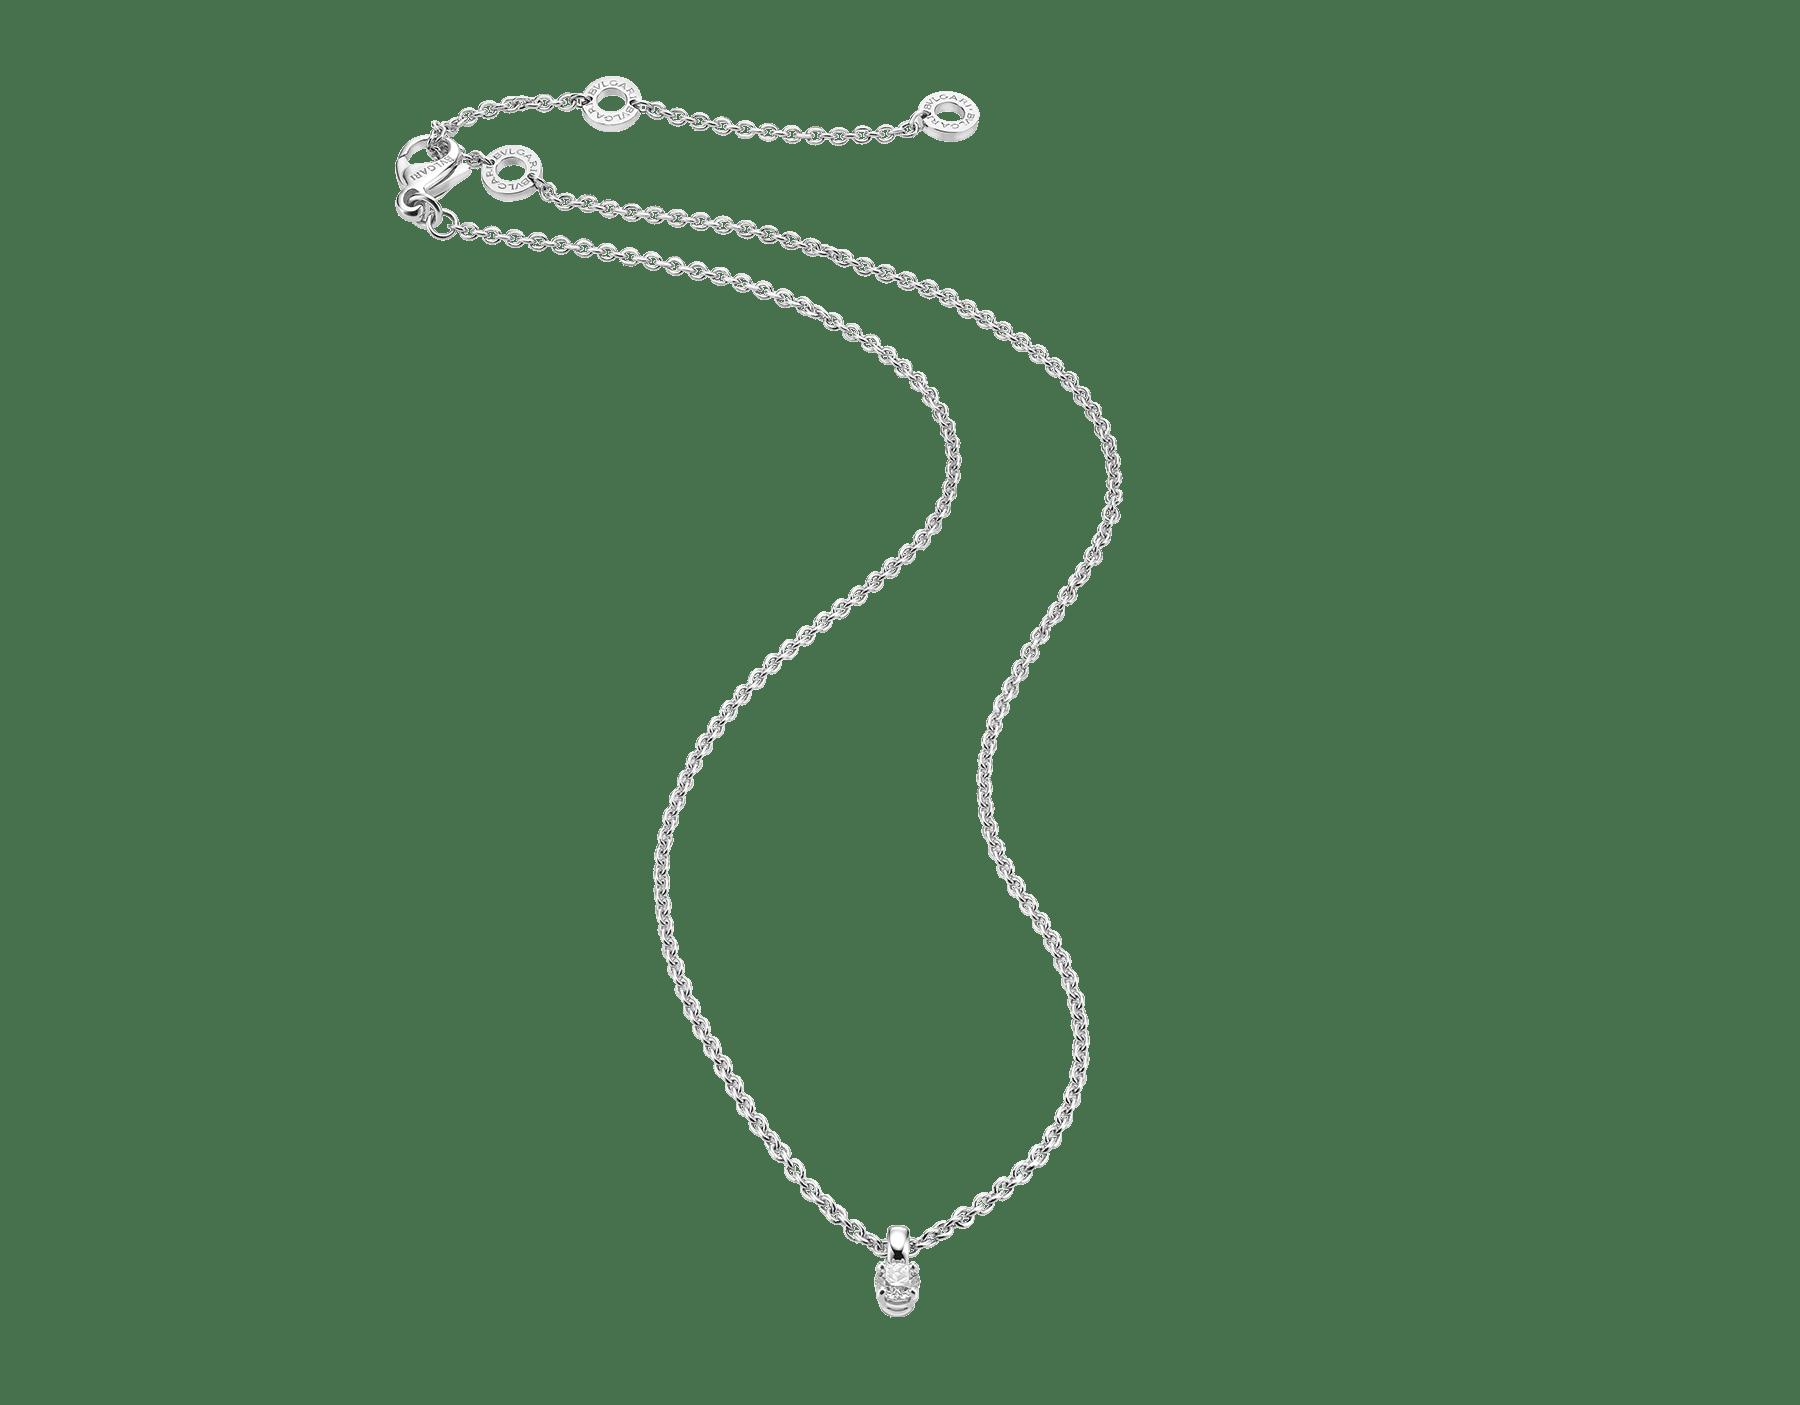 Colgante Griffe con cadena en oro blanco de 18 qt con diamante redondo talla brillante. Disponible a partir de 0,25 ct. Un engaste clásico que realza la belleza y la pureza del solitario. 348649 image 1